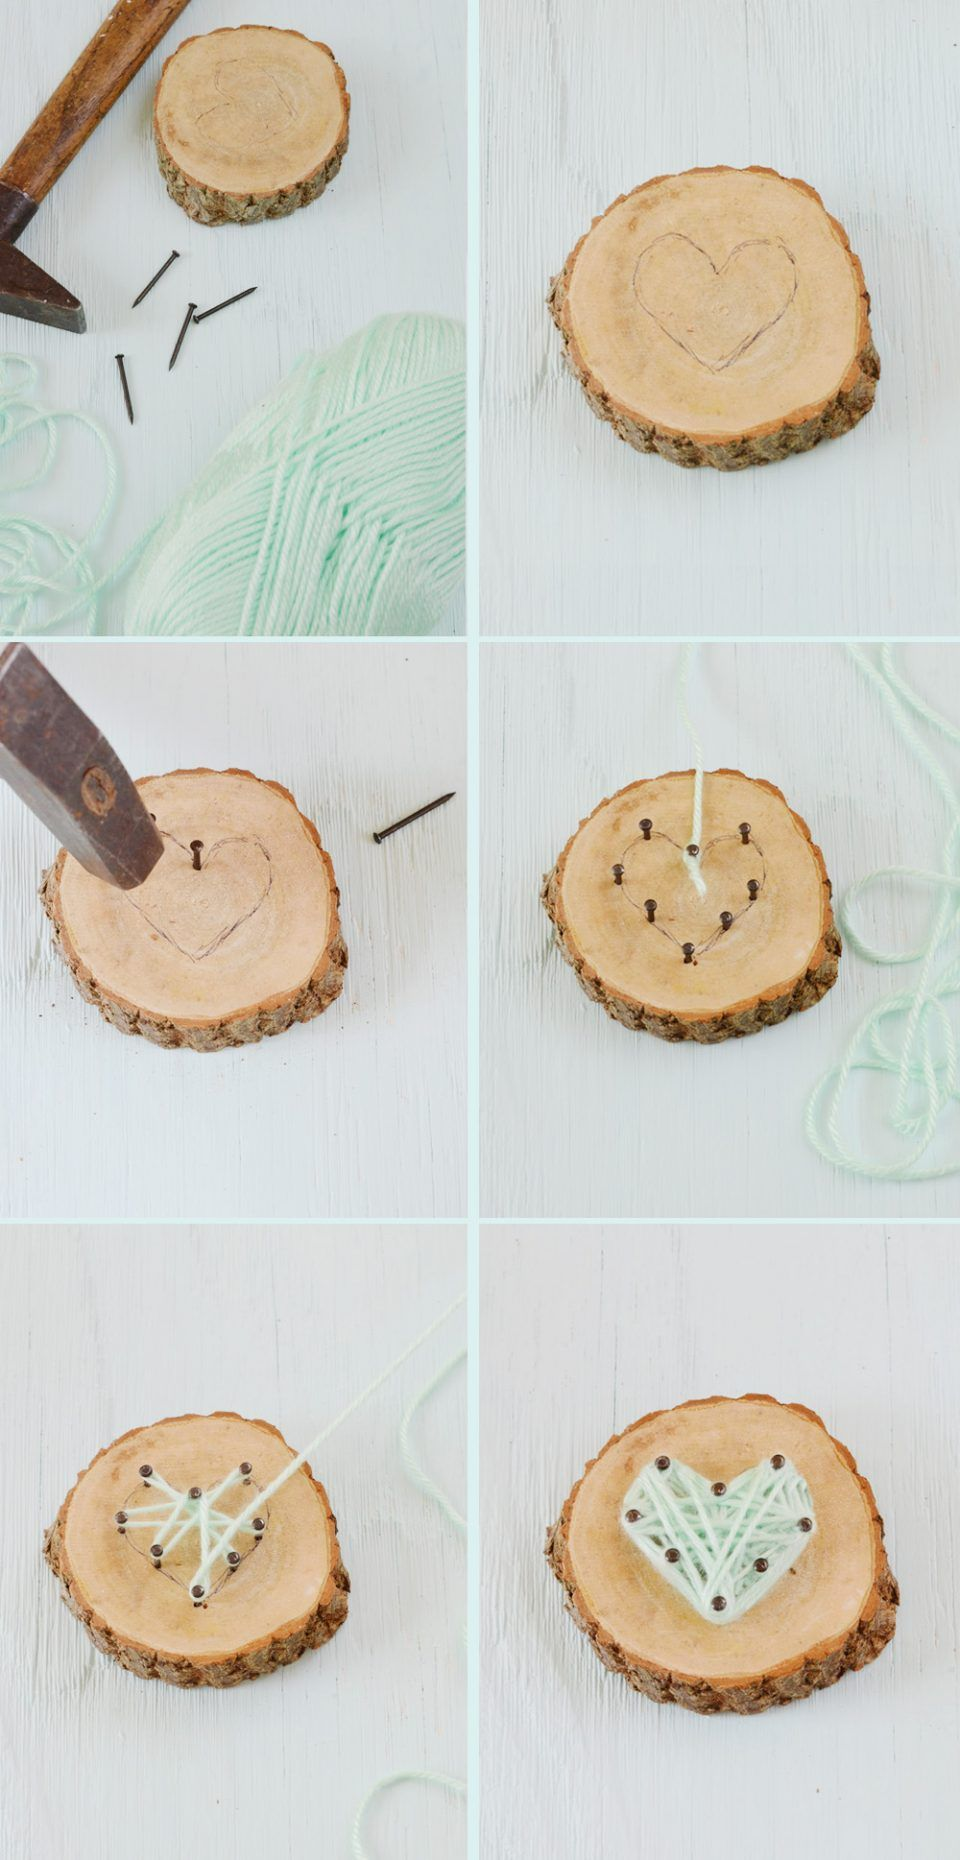 String Art zum Muttertag: Herz aus Nägeln und Wolle • Minidrops